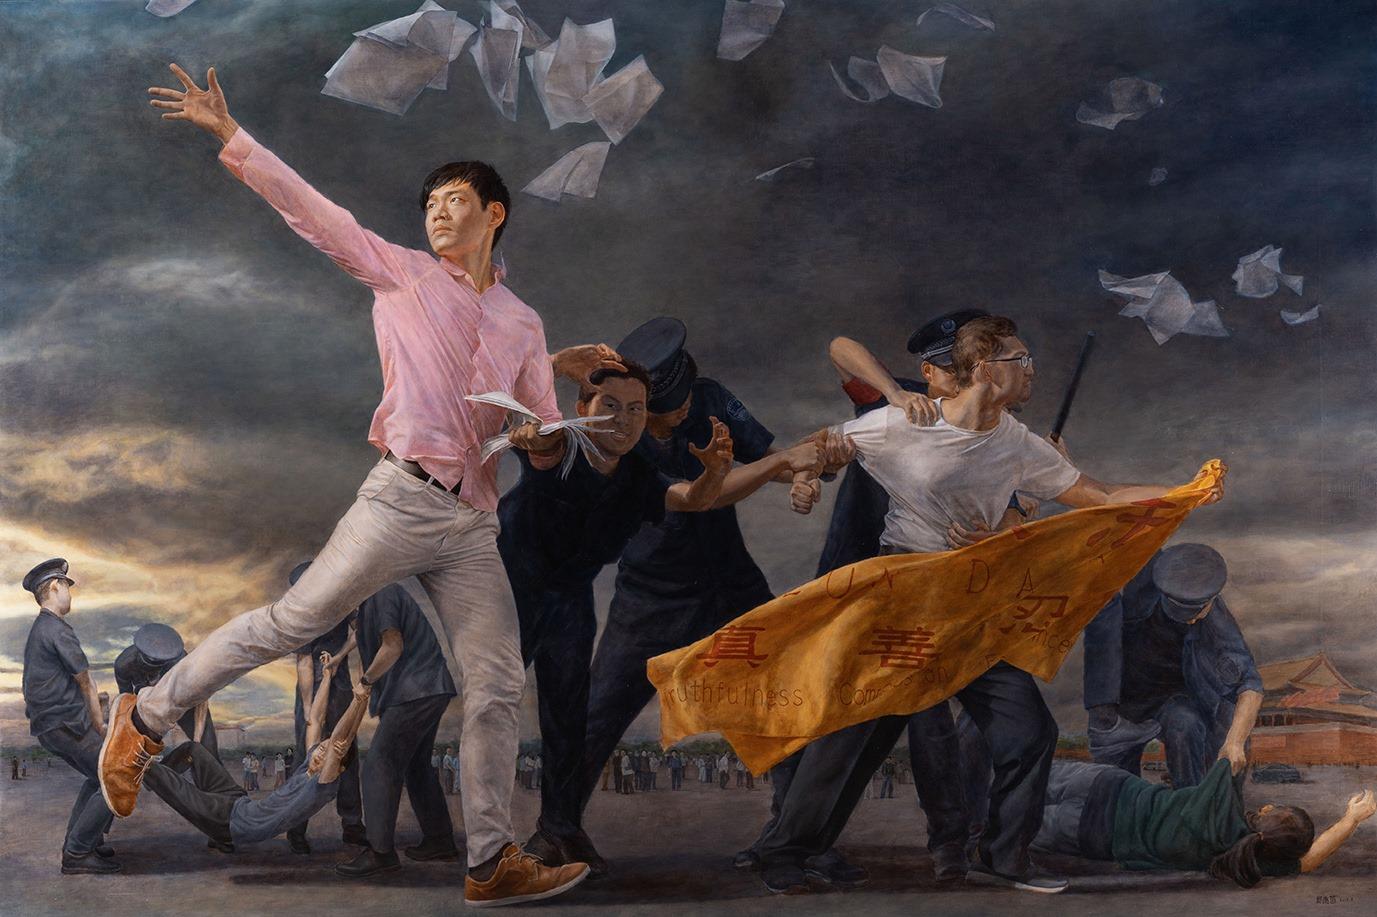 油畫《真相傳》入圍決賽 選手談創作使命